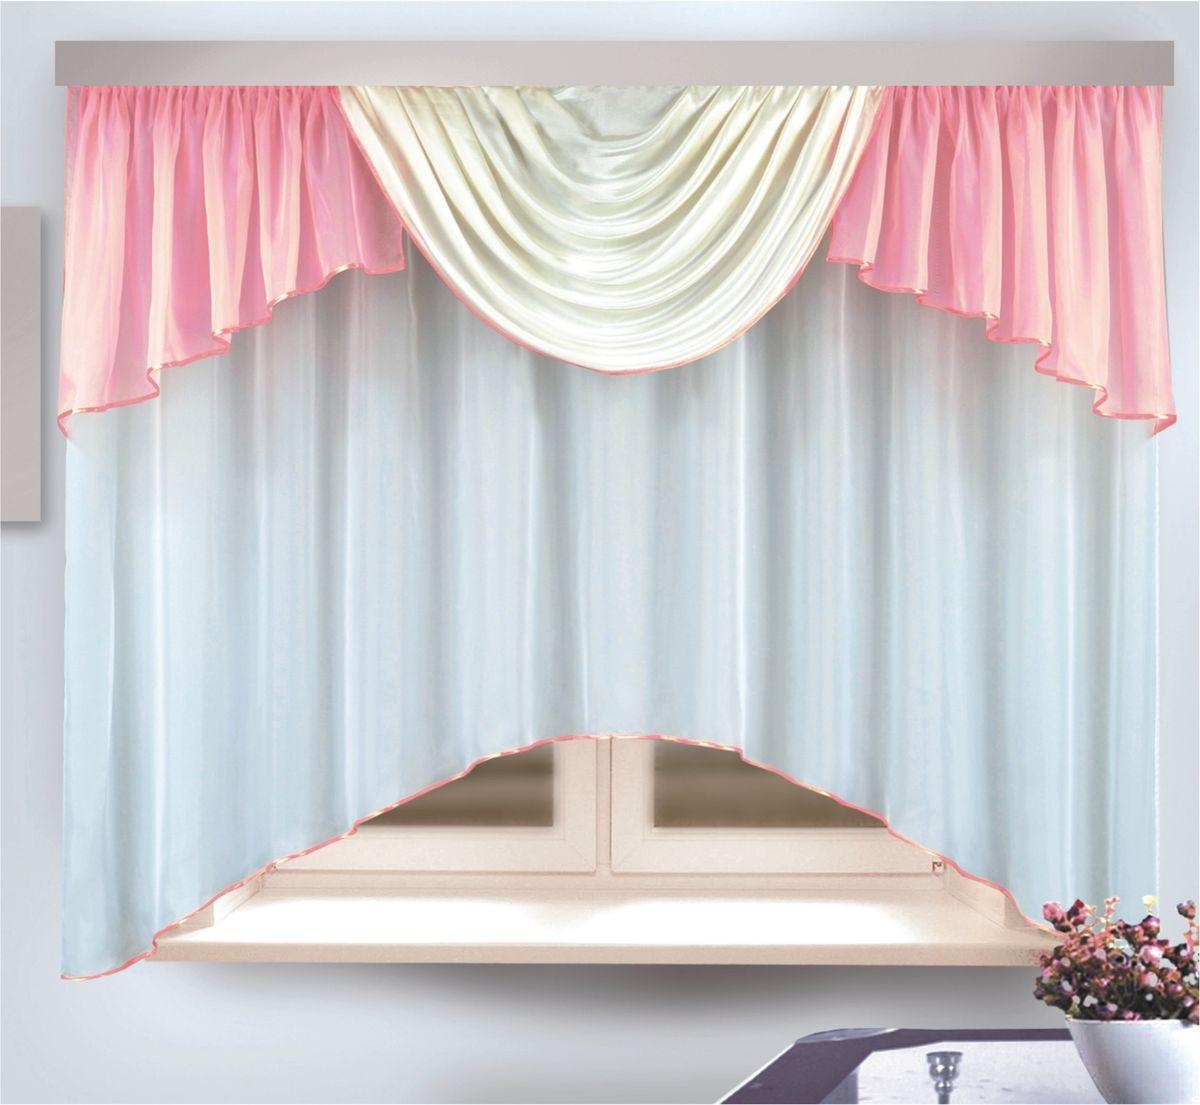 Комплект штор для кухни Zlata Korunka, на ленте, цвет: розовый, высота 170 см. 3333121004900000360Комплект штор для кухни Zlata Korunka, выполненный из полиэстера, великолепно украсит любое окно. Комплект состоит из тюля и ламбрекена. Оригинальный крой и приятная цветовая гамма привлекут к себе внимание и органично впишутся в интерьер помещения. Этот комплект будет долгое время радовать вас и вашу семью!Комплект крепится на карниз при помощи ленты, которая поможет красиво и равномерно задрапировать верх.В комплект входит: Тюль: 1 шт. Размер (Ш х В): 290 х 170 см.Ламбрекен: 1 шт. Размер (Ш х В): 450 х 80 см.